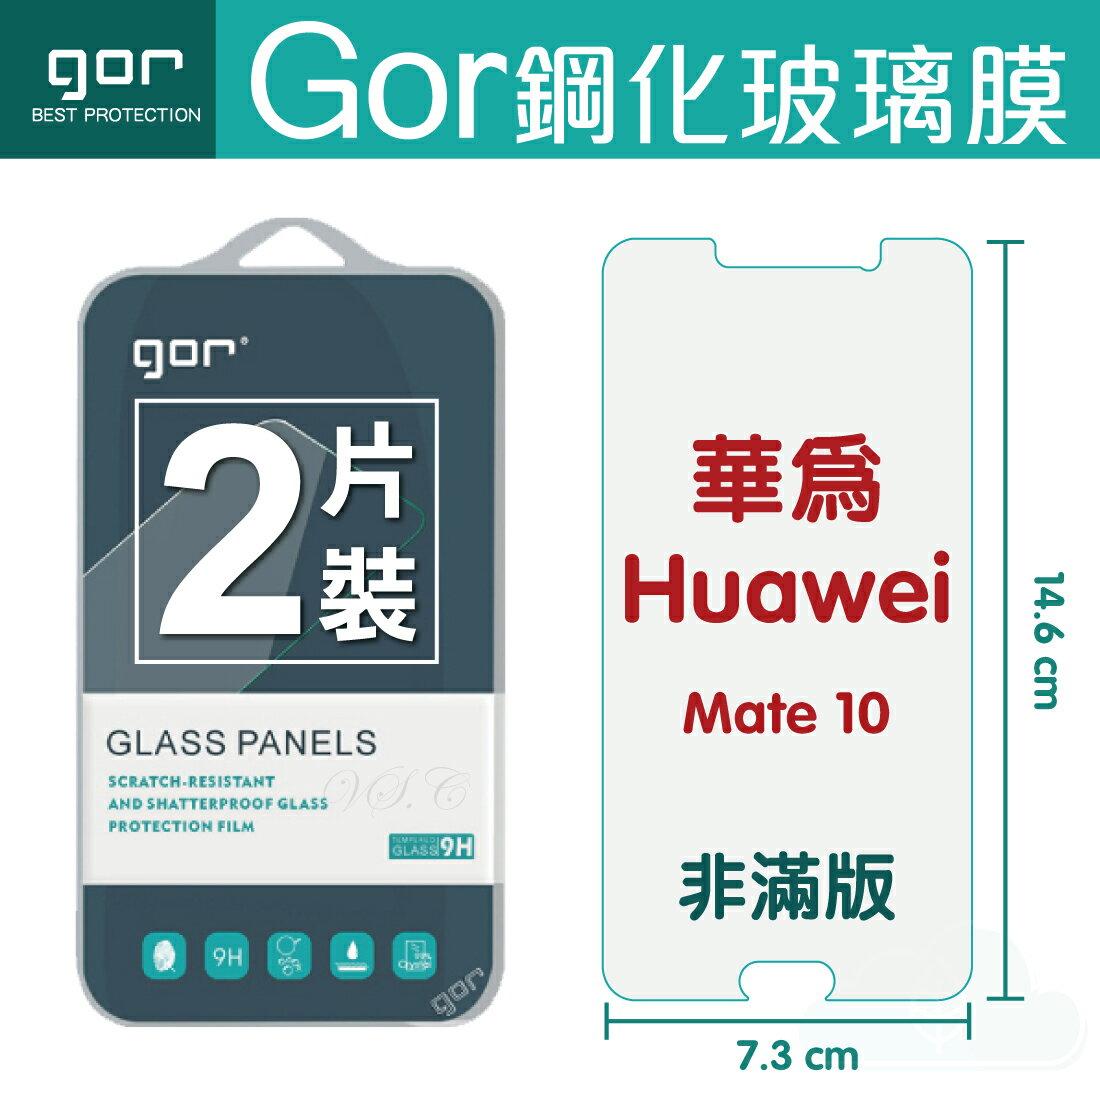 【HUAWEI】GOR 9H 華為 HUAWEI Mate10 鋼化 玻璃 保護貼 全透明非滿版 兩片裝【全館滿299免運費】